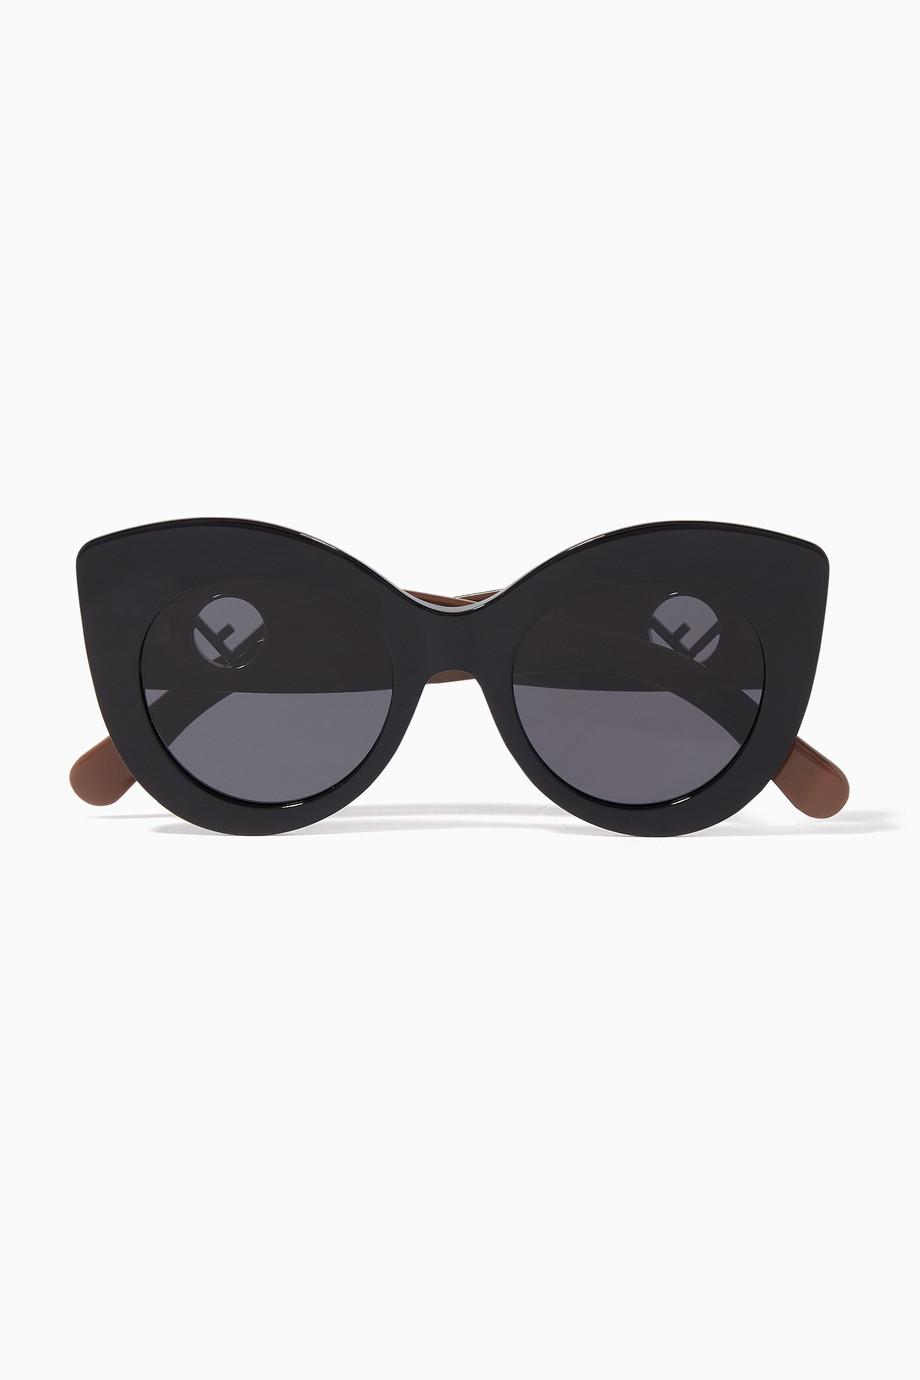 228cb8d22 تسوق نظارة شمسية بتصميم عين القطة سوداء Fendi أسود للنساء | اُناس ...